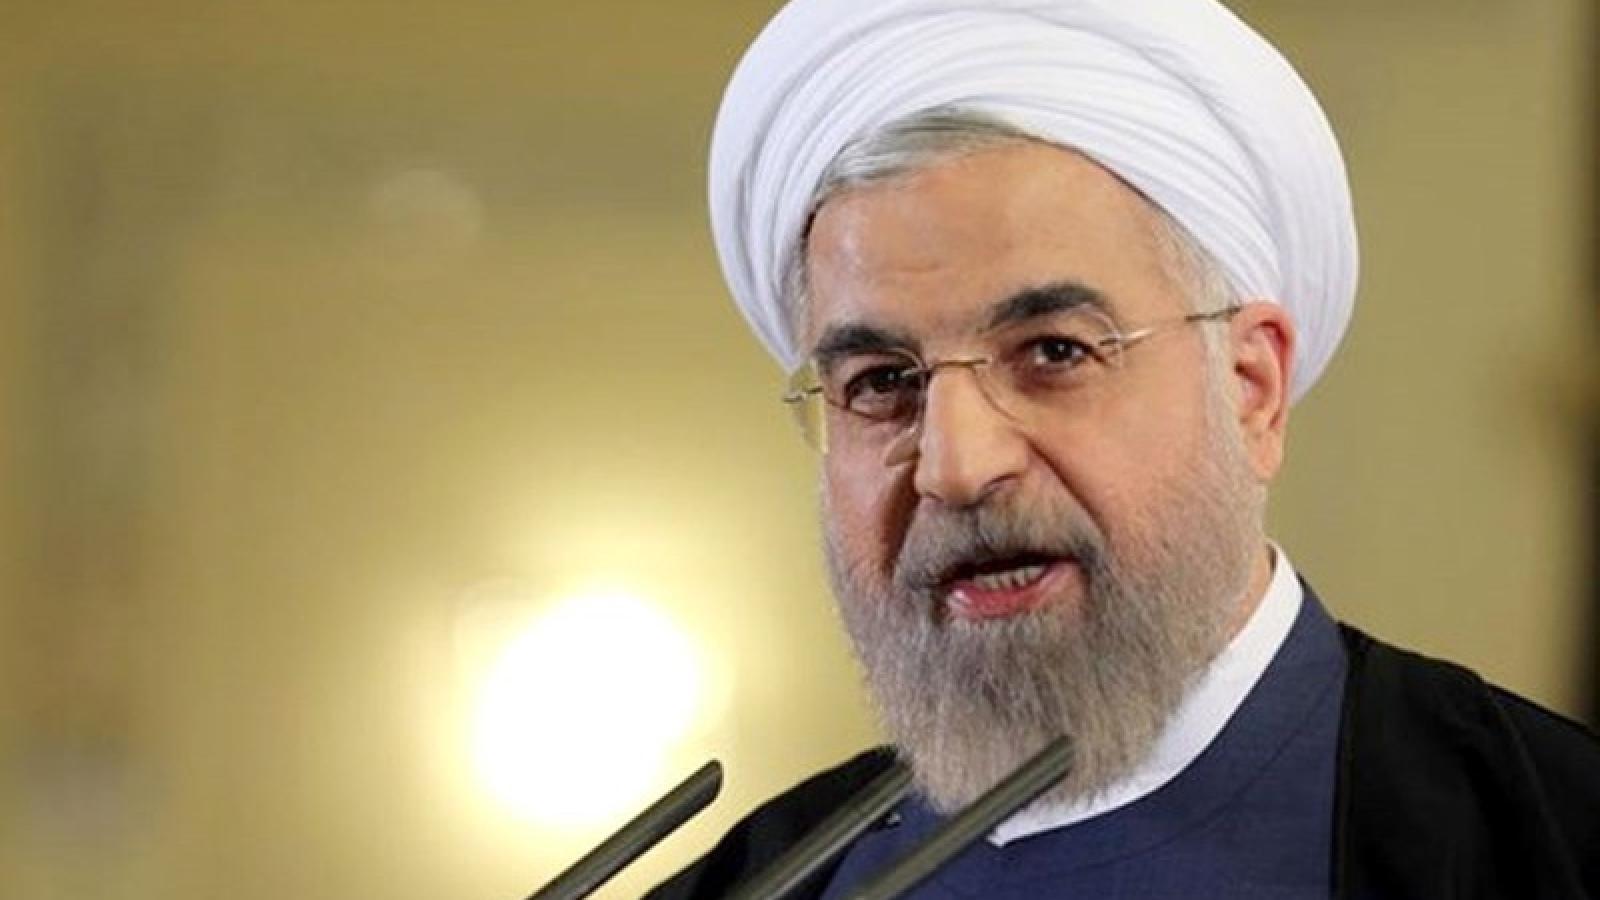 Tổng thống Iran, tên lửa mới chế tạo để phòng vệ, không phải gây hấn